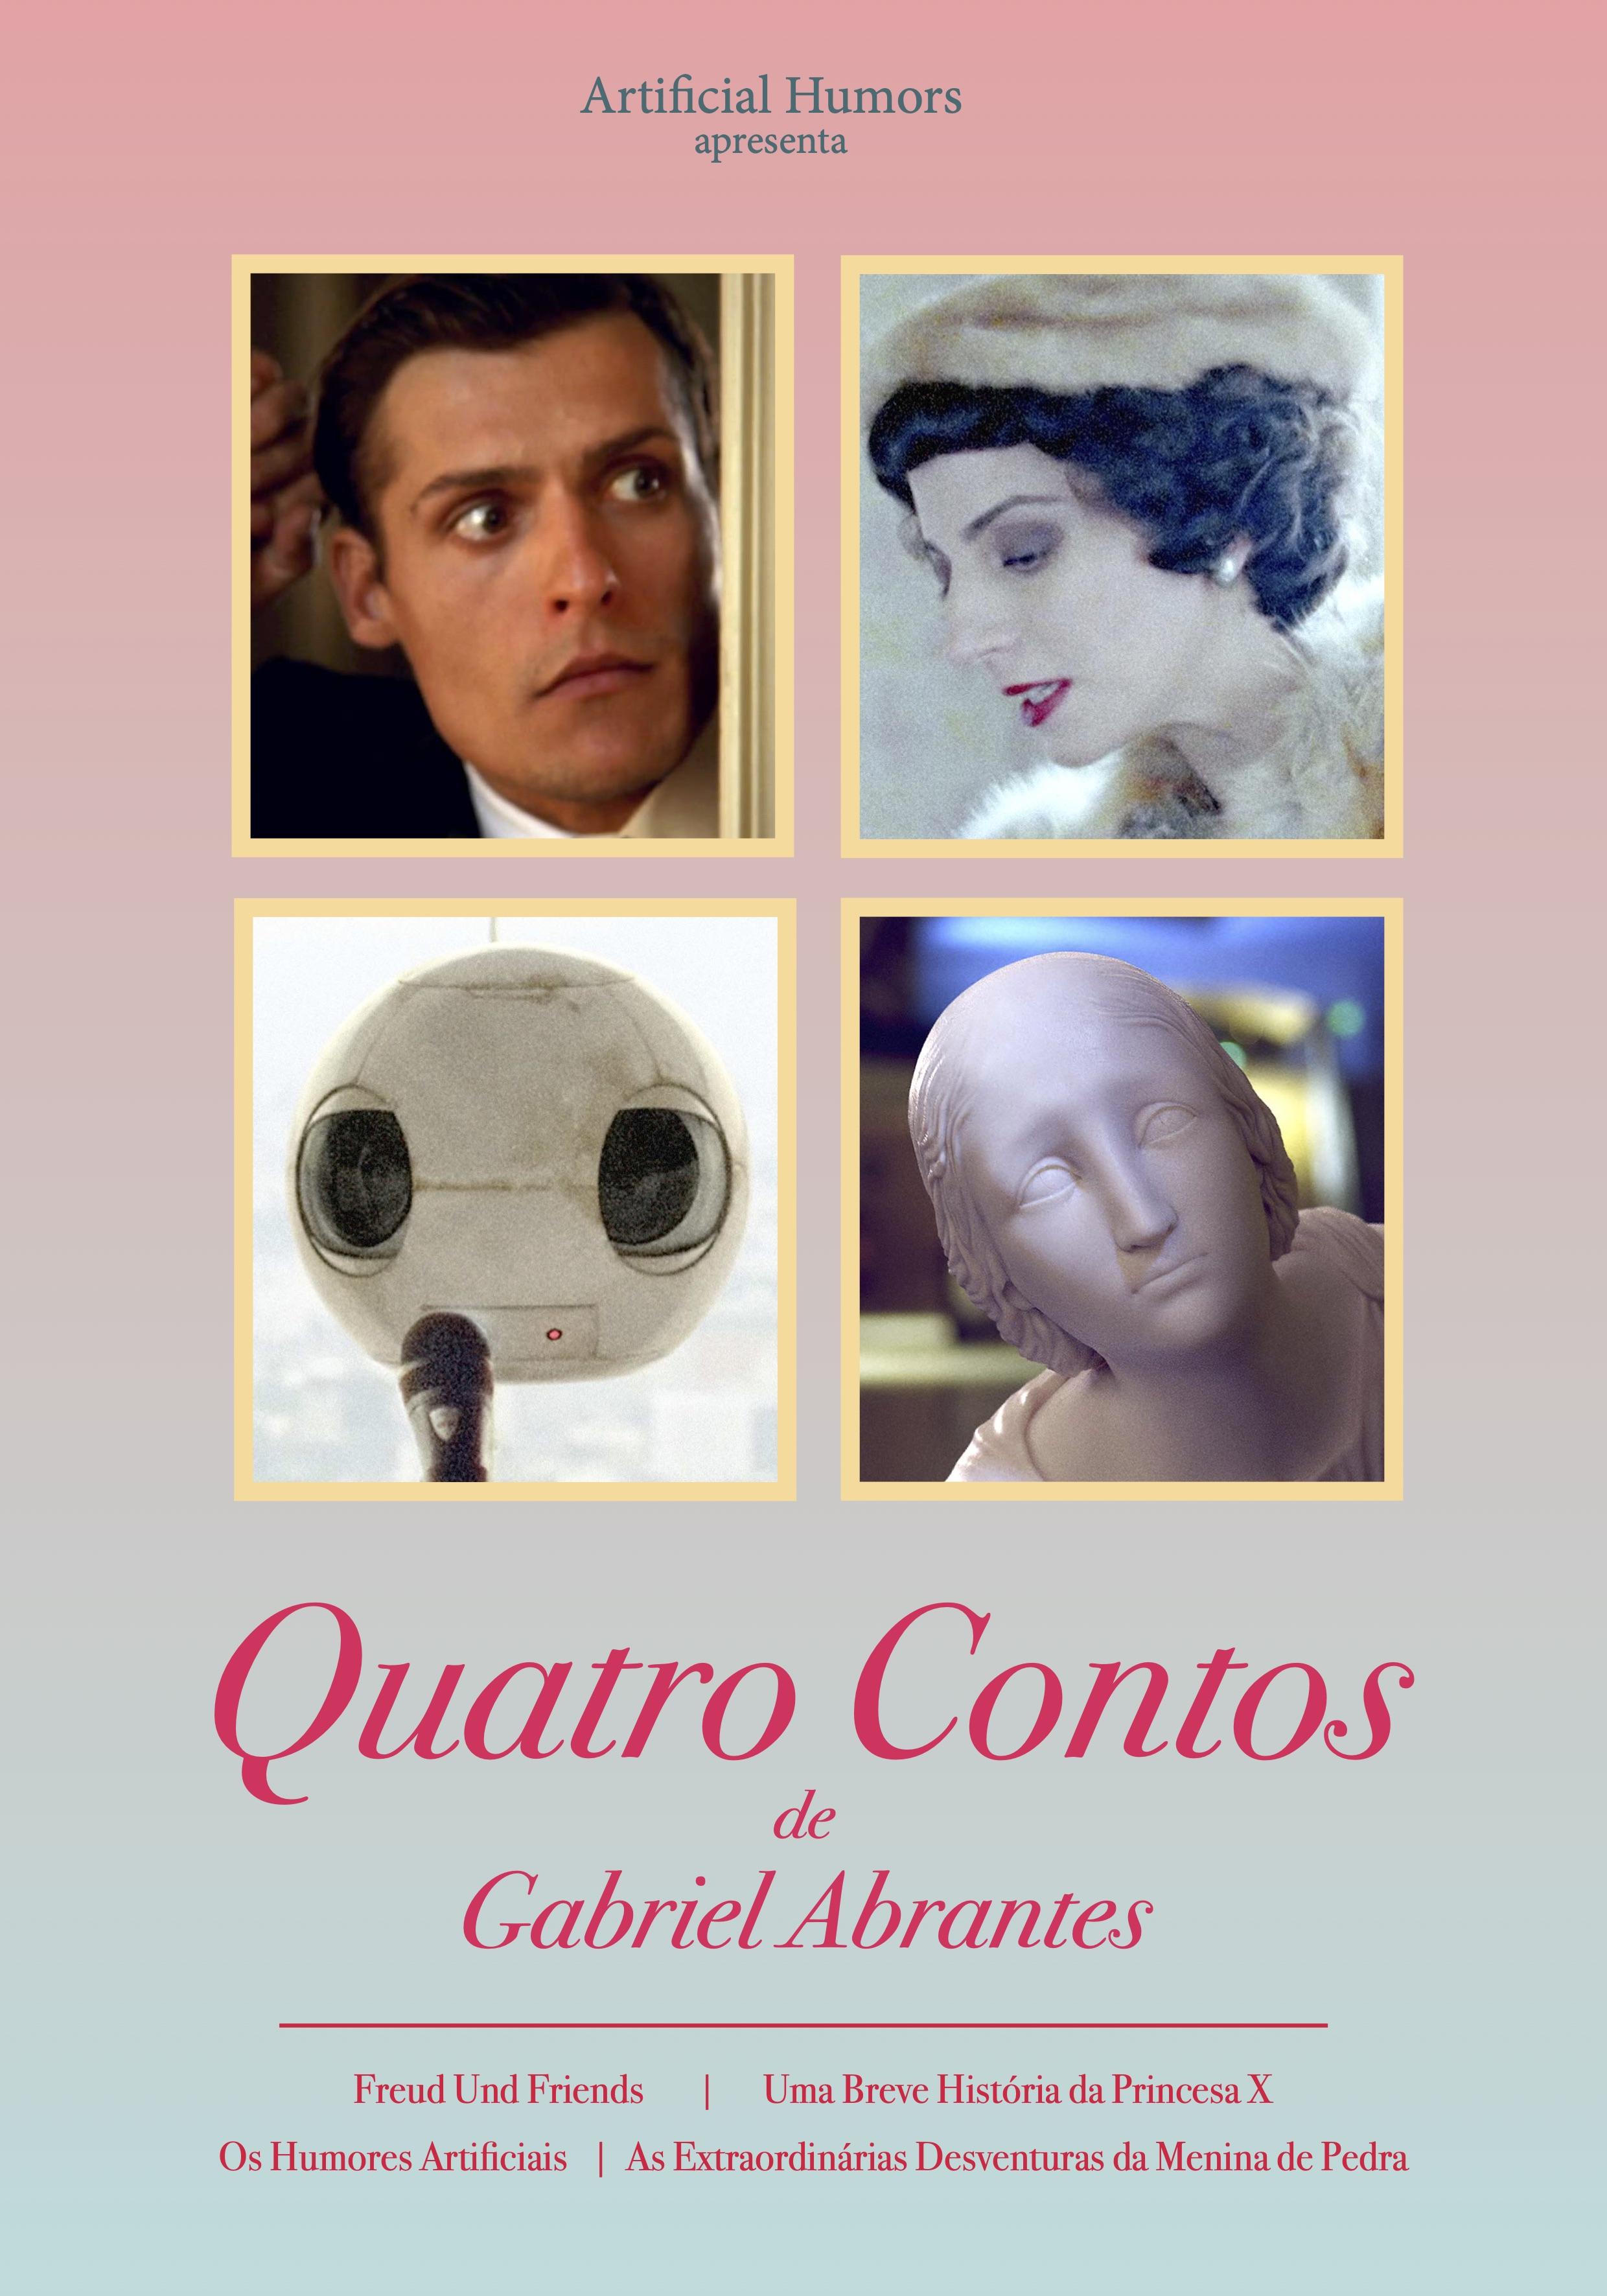 Quatro Contos de Gabriel Abrantes_Poster